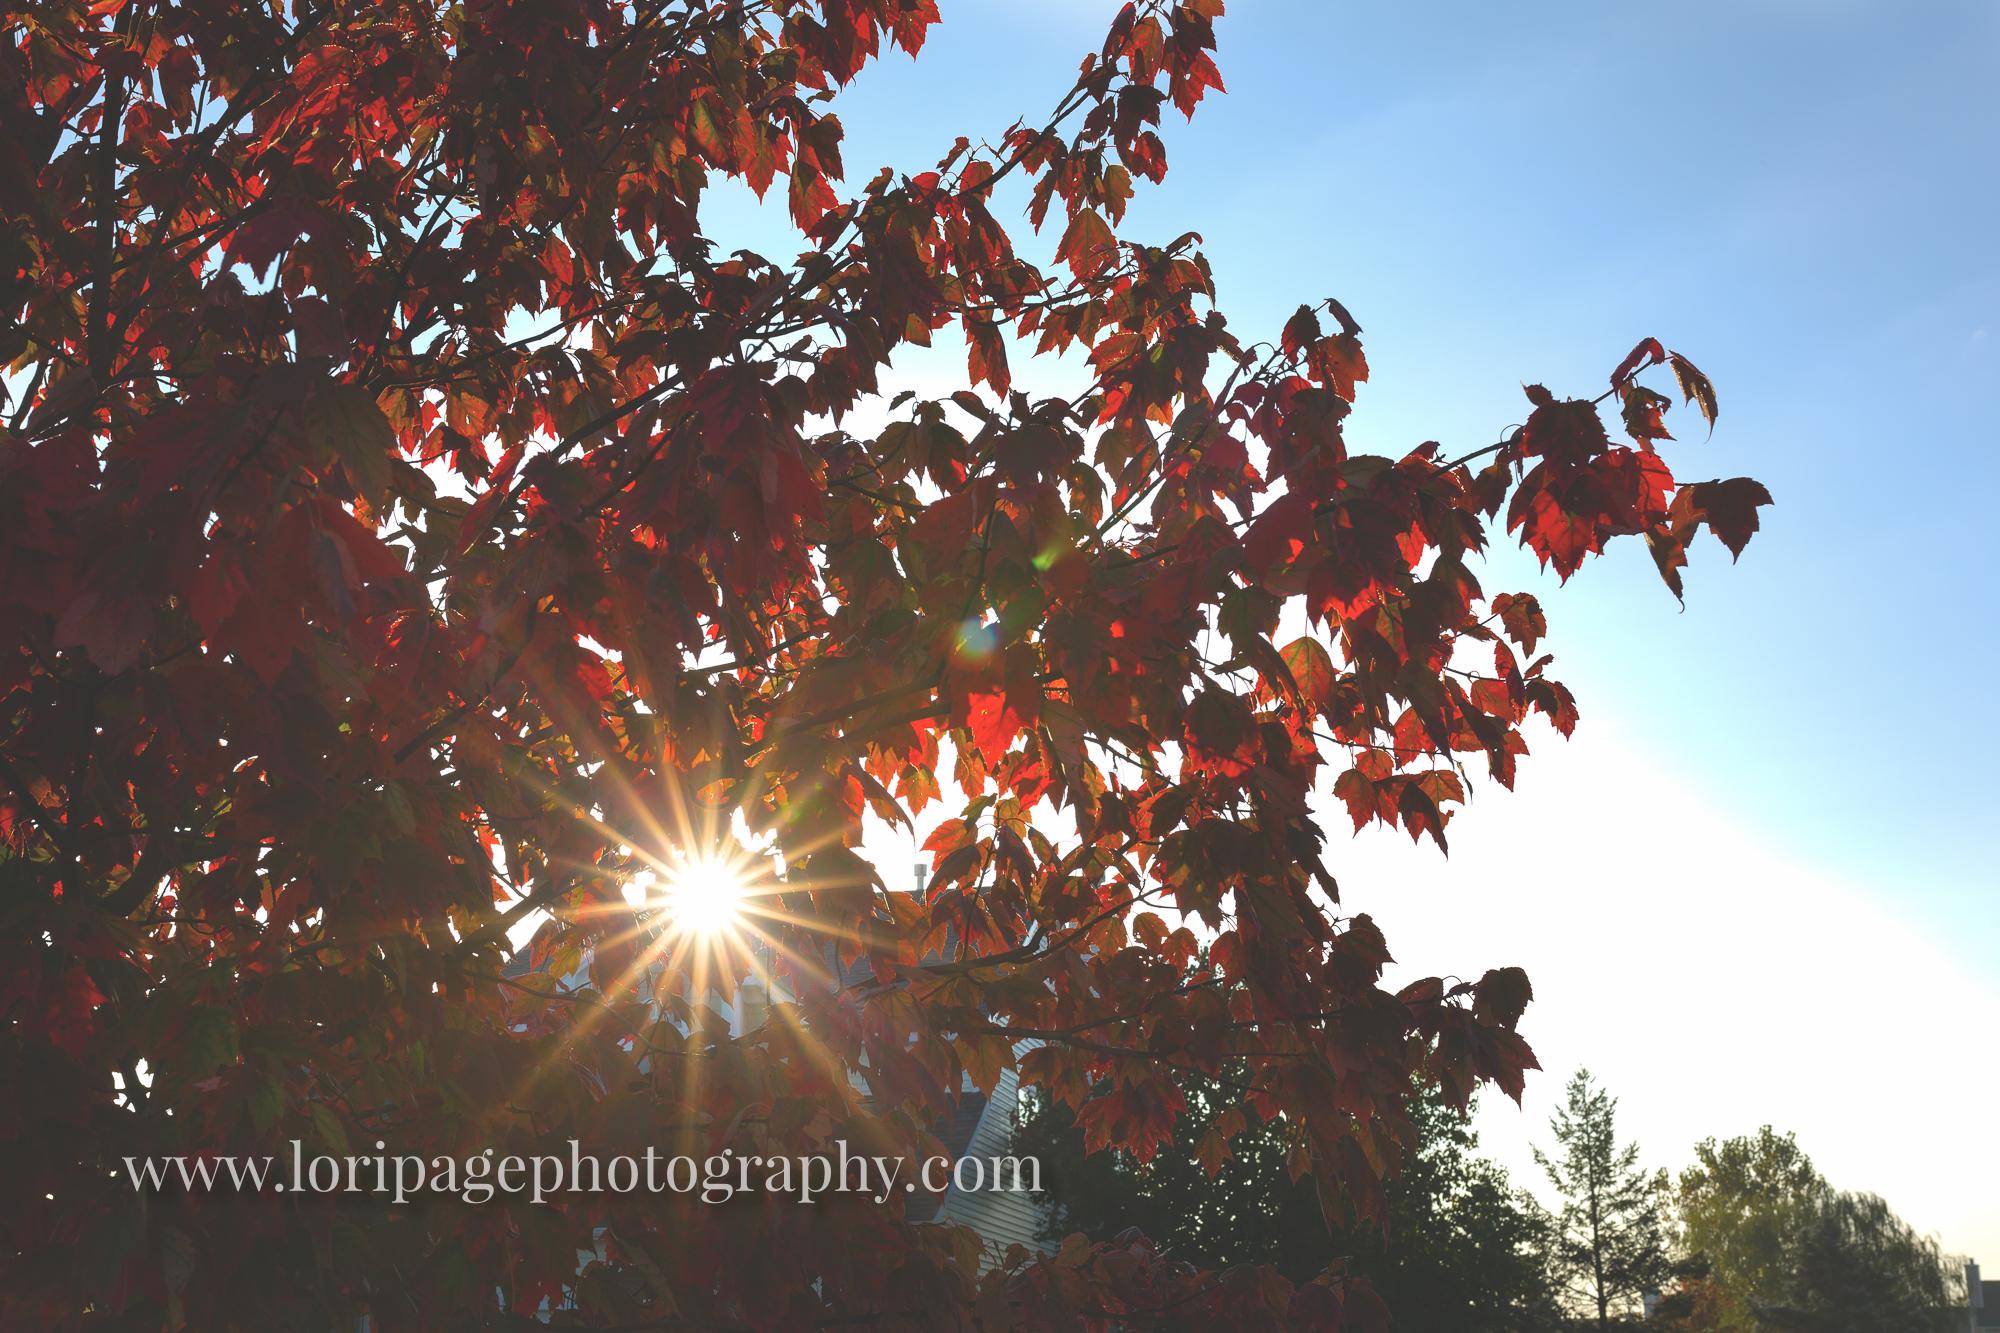 Ann Arbor photographer